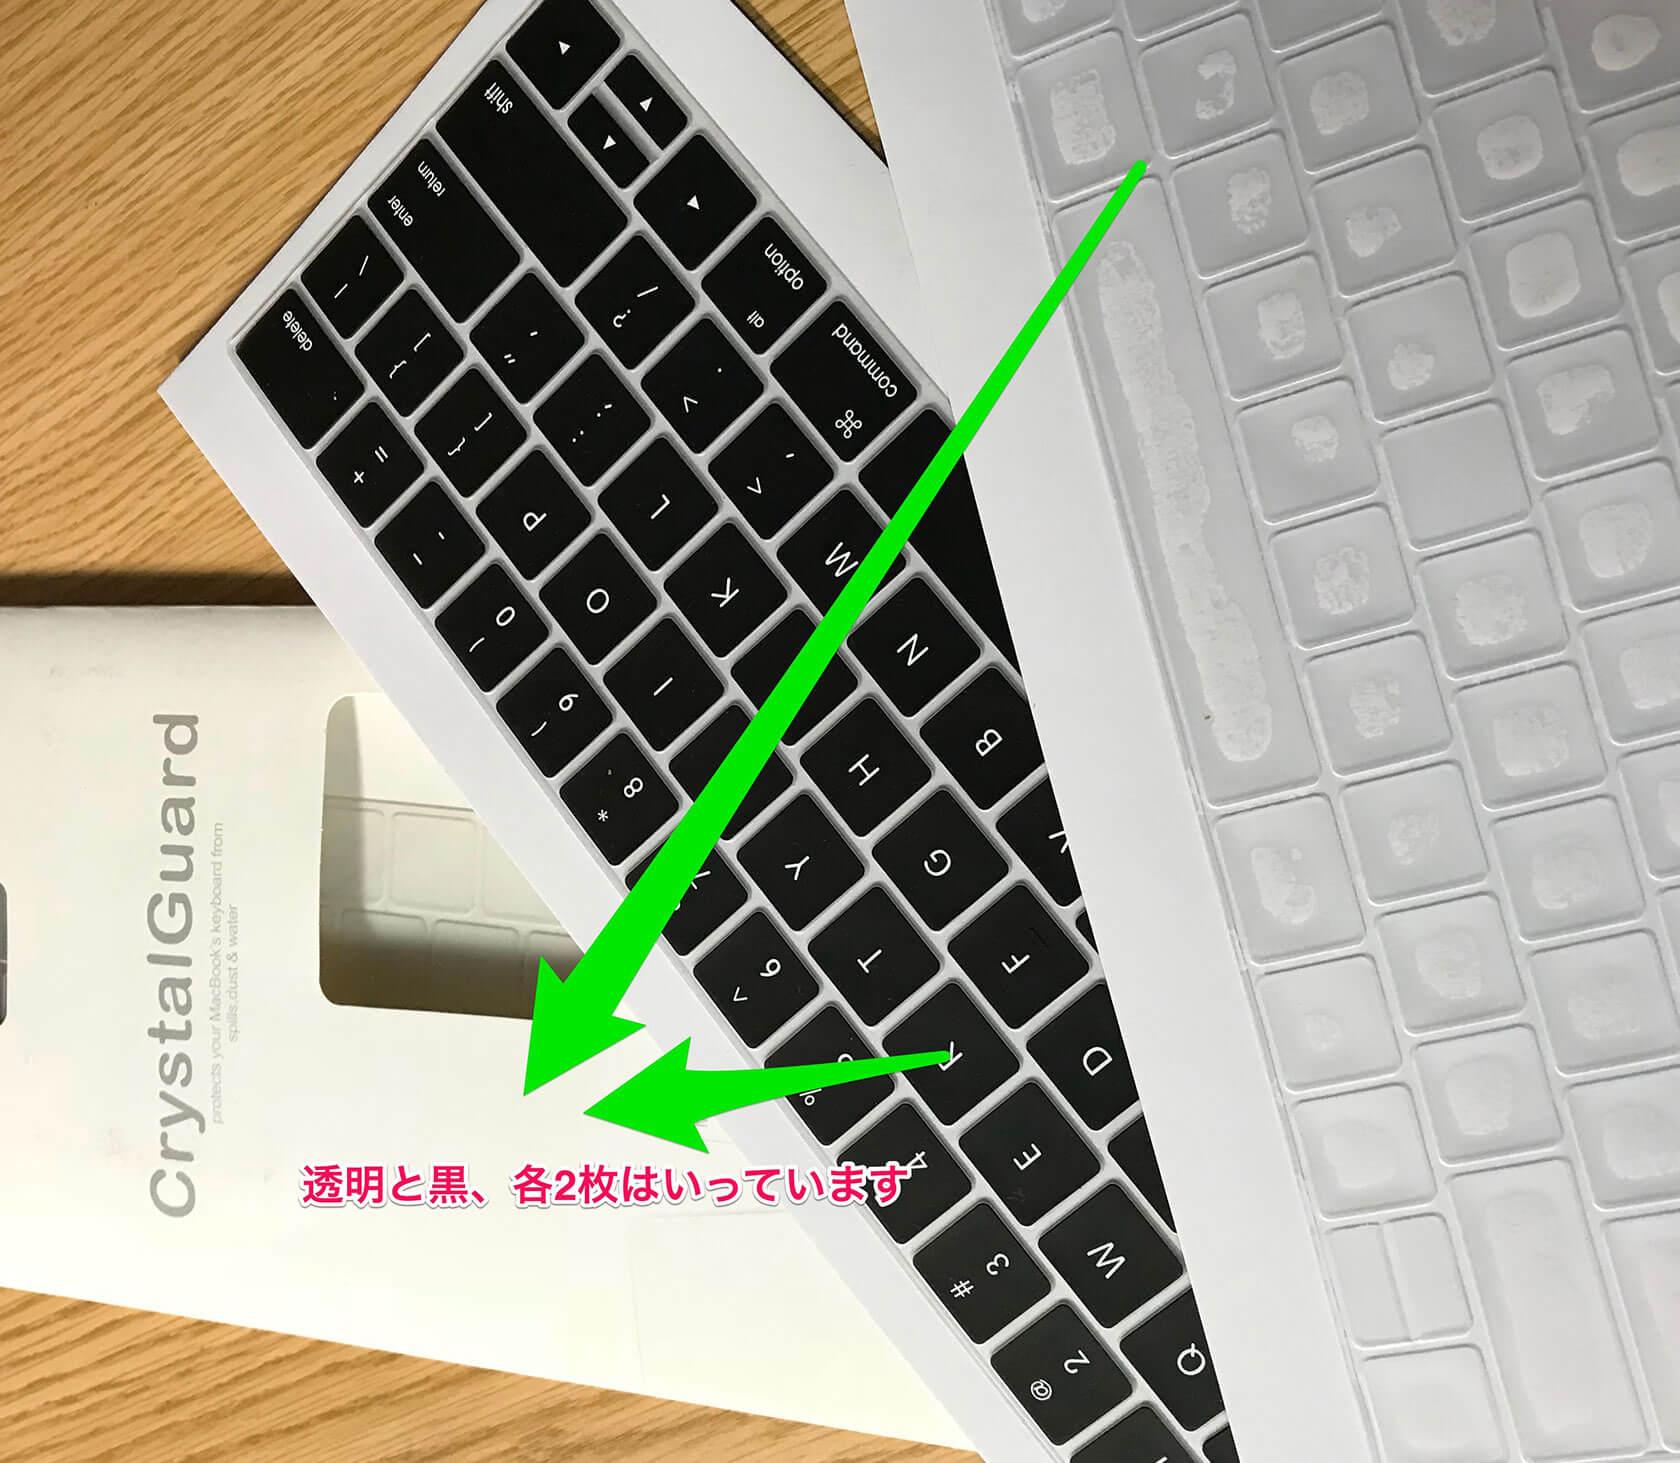 MacBookPro バタフライキーボードの埃も怖くないお勧めキーボードカバー!